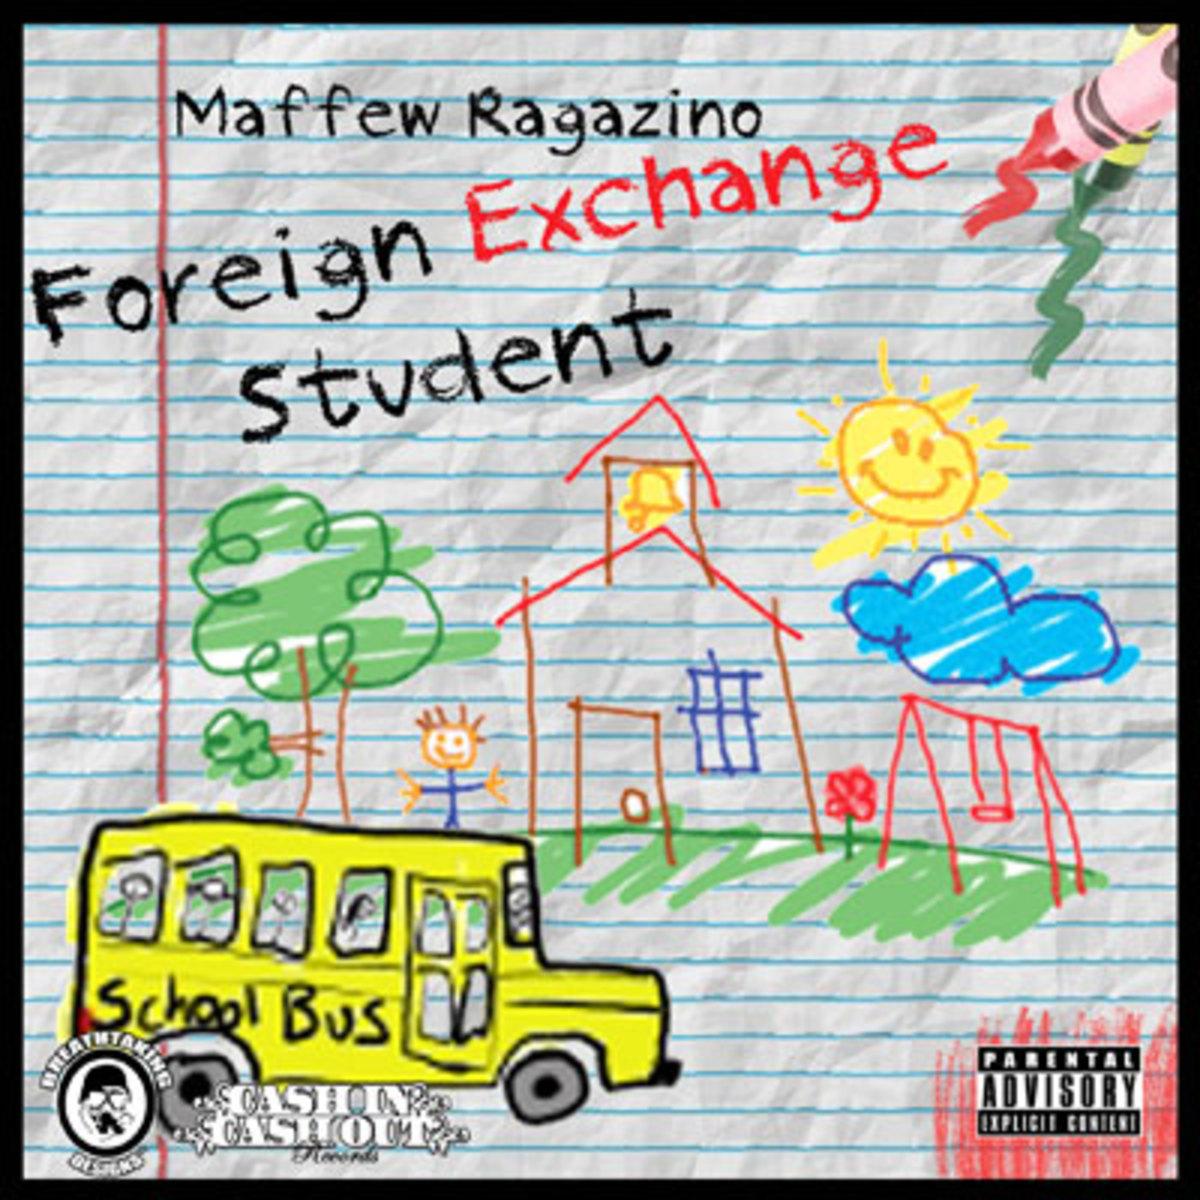 maffewragazino-foreignexchangestudent.jpg